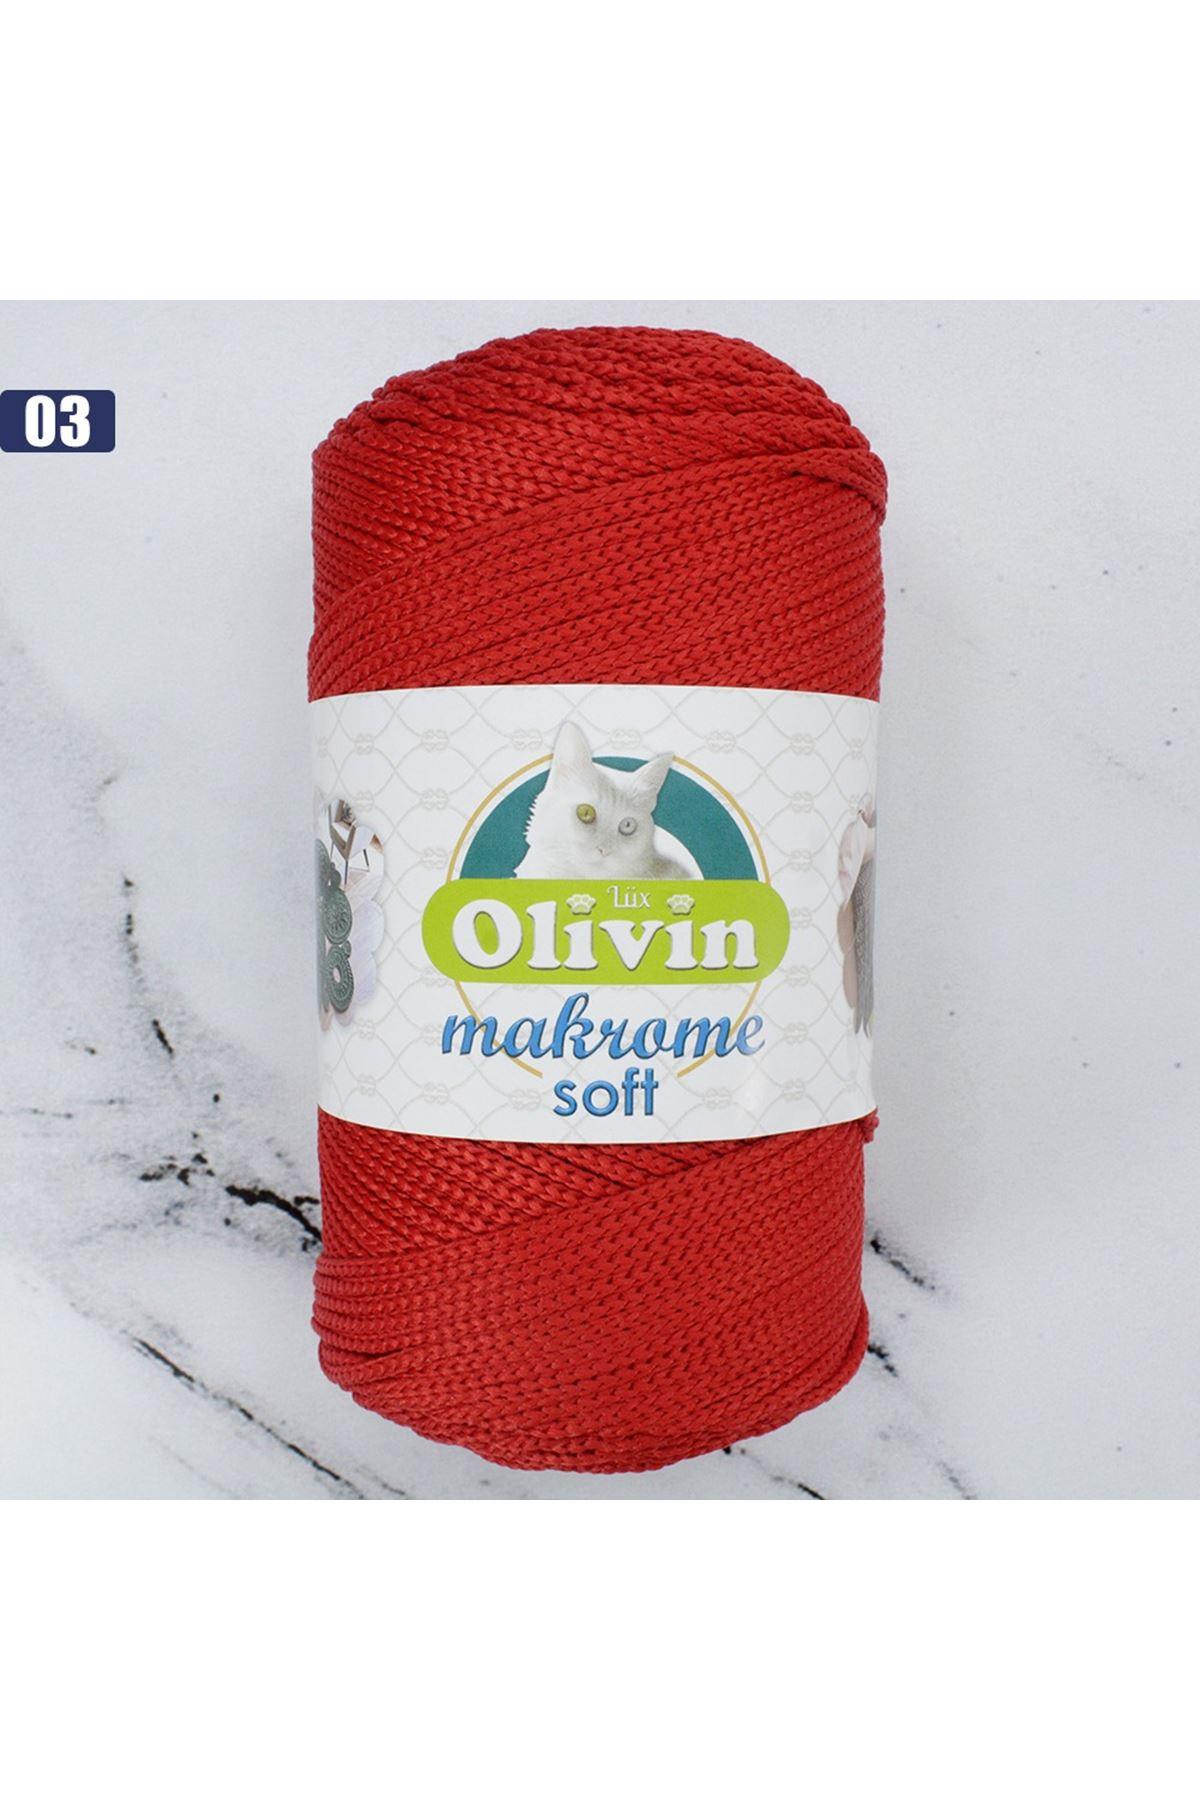 Olivin Makrome Soft 03